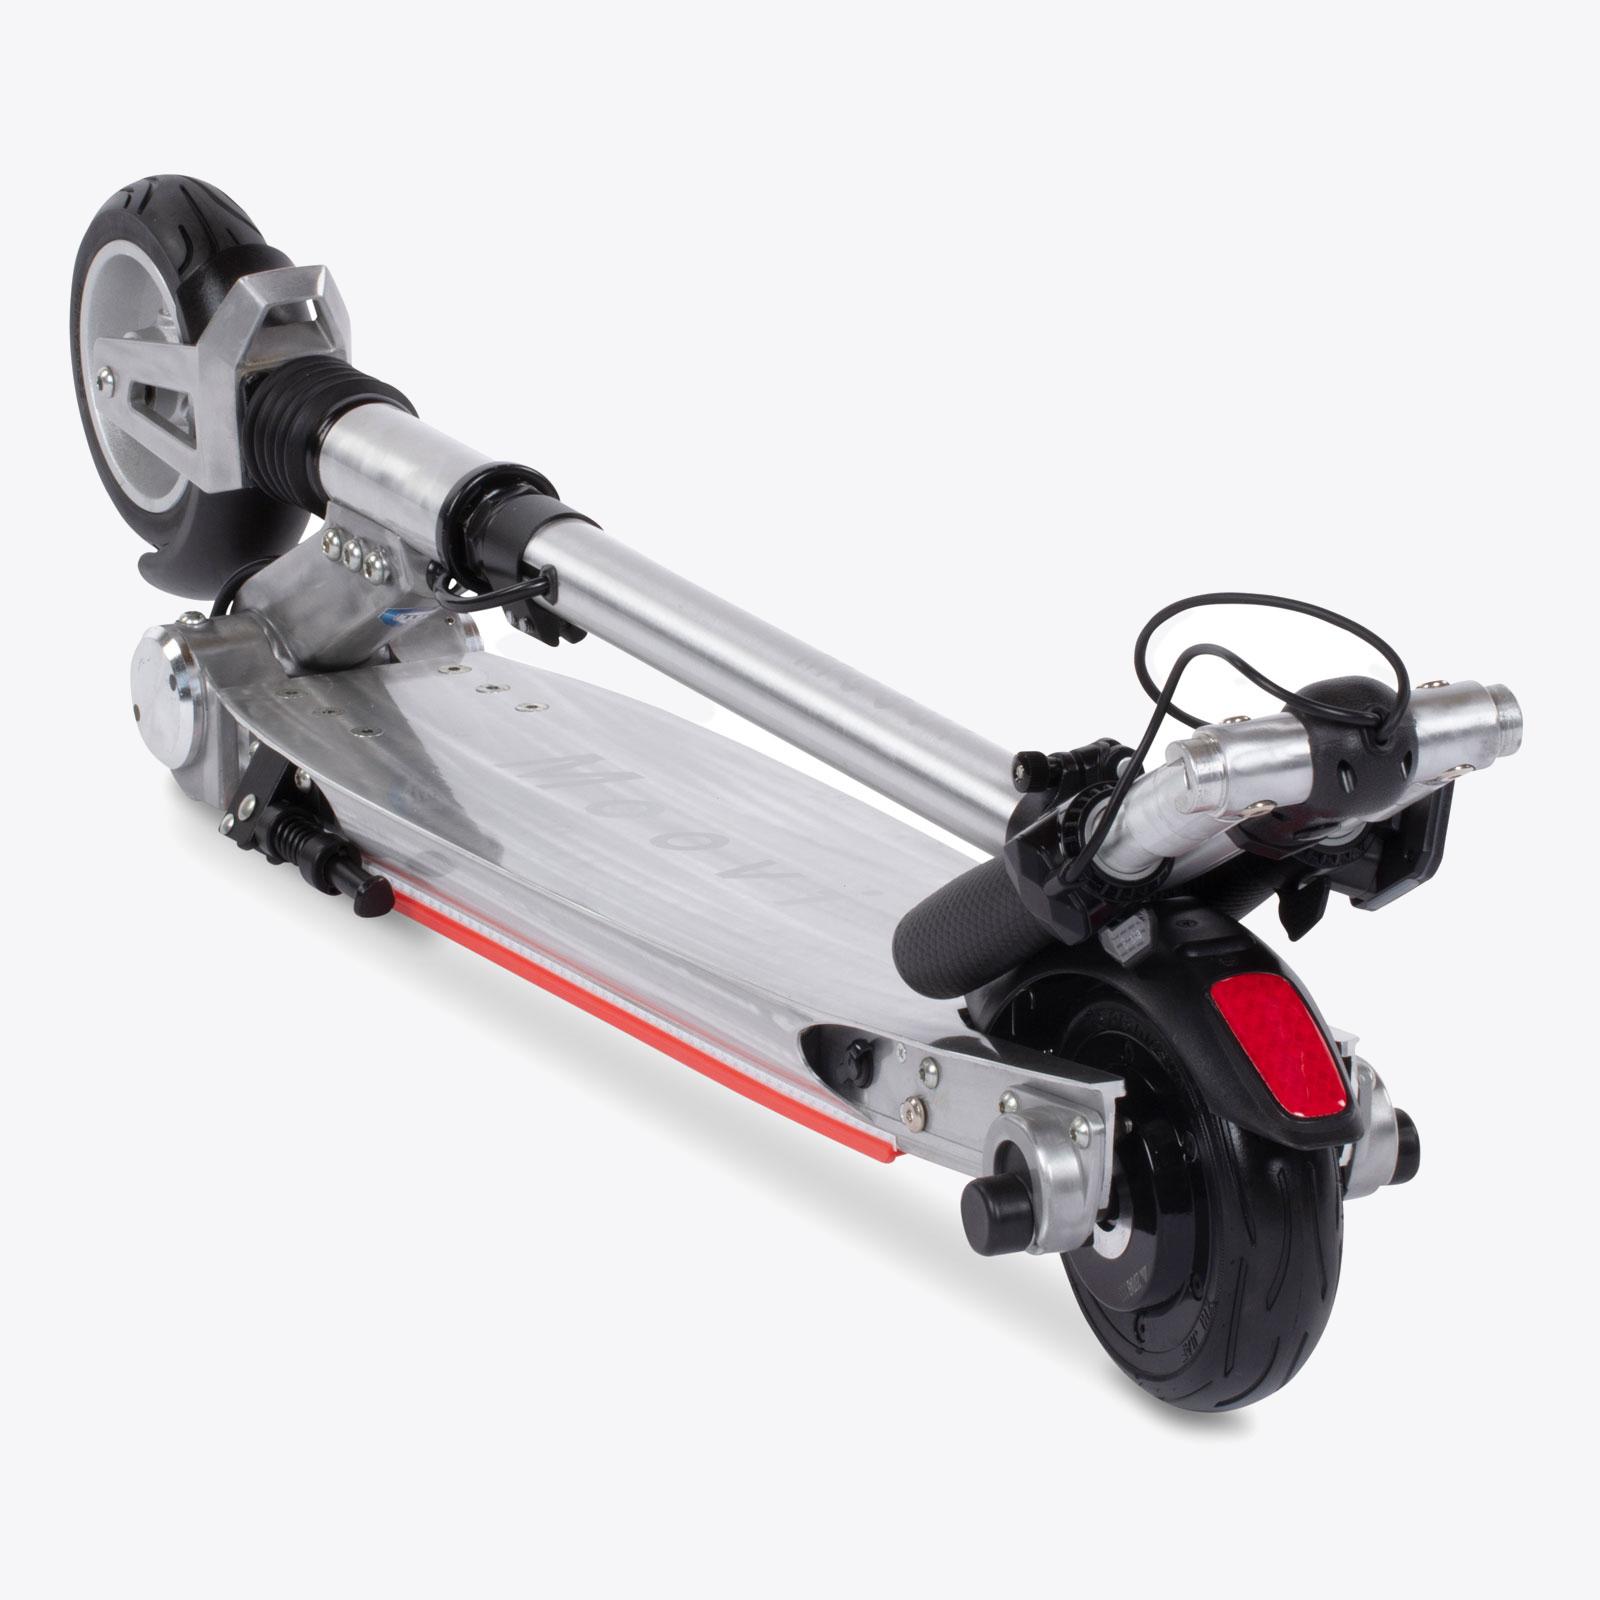 moovi-escooter-silber-zusammengeklappt